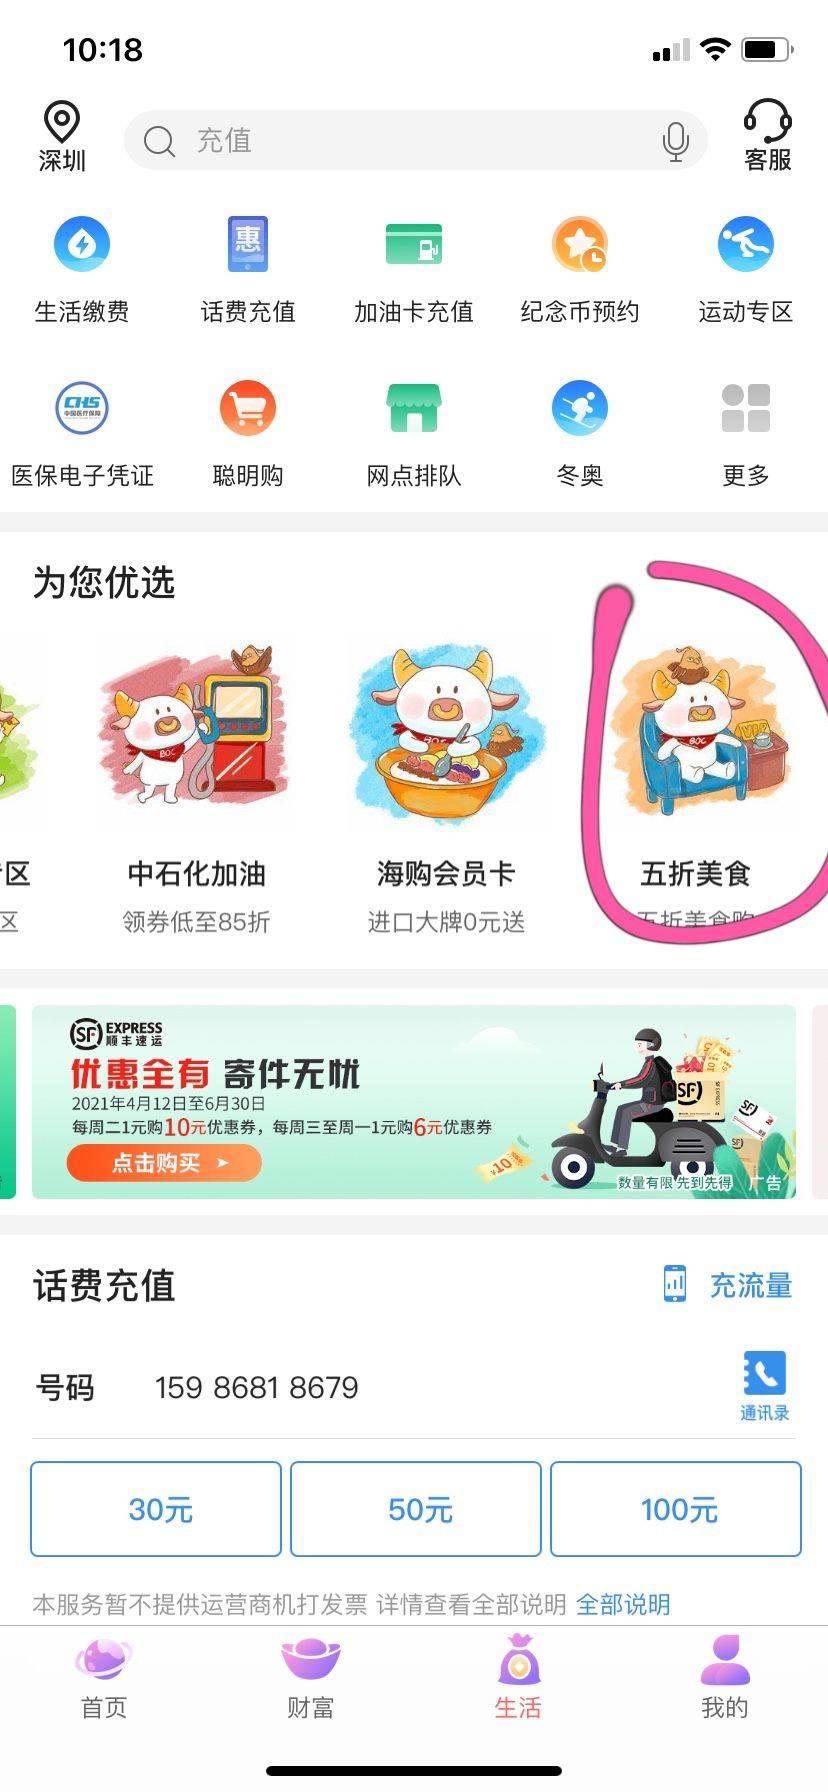 中国银行APP充值优惠,9.9充20元话费,要抢